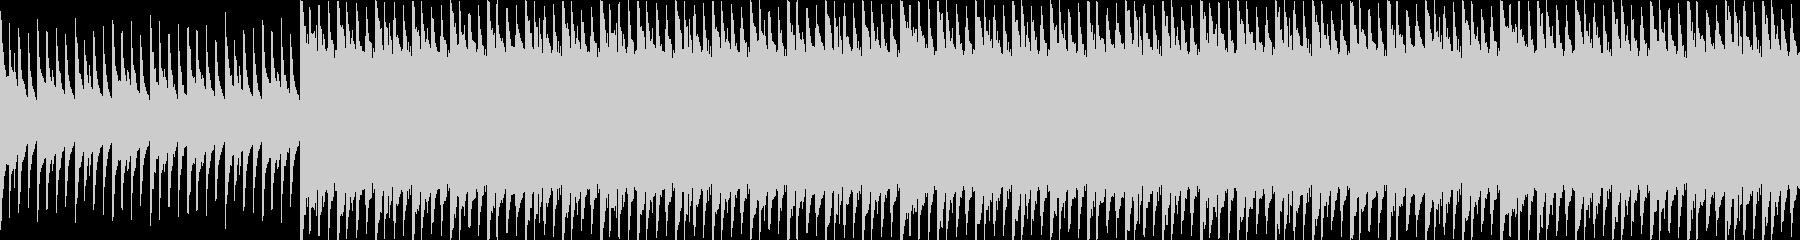 マリンバ/ピアノ/ループ/動画BGM用3の未再生の波形